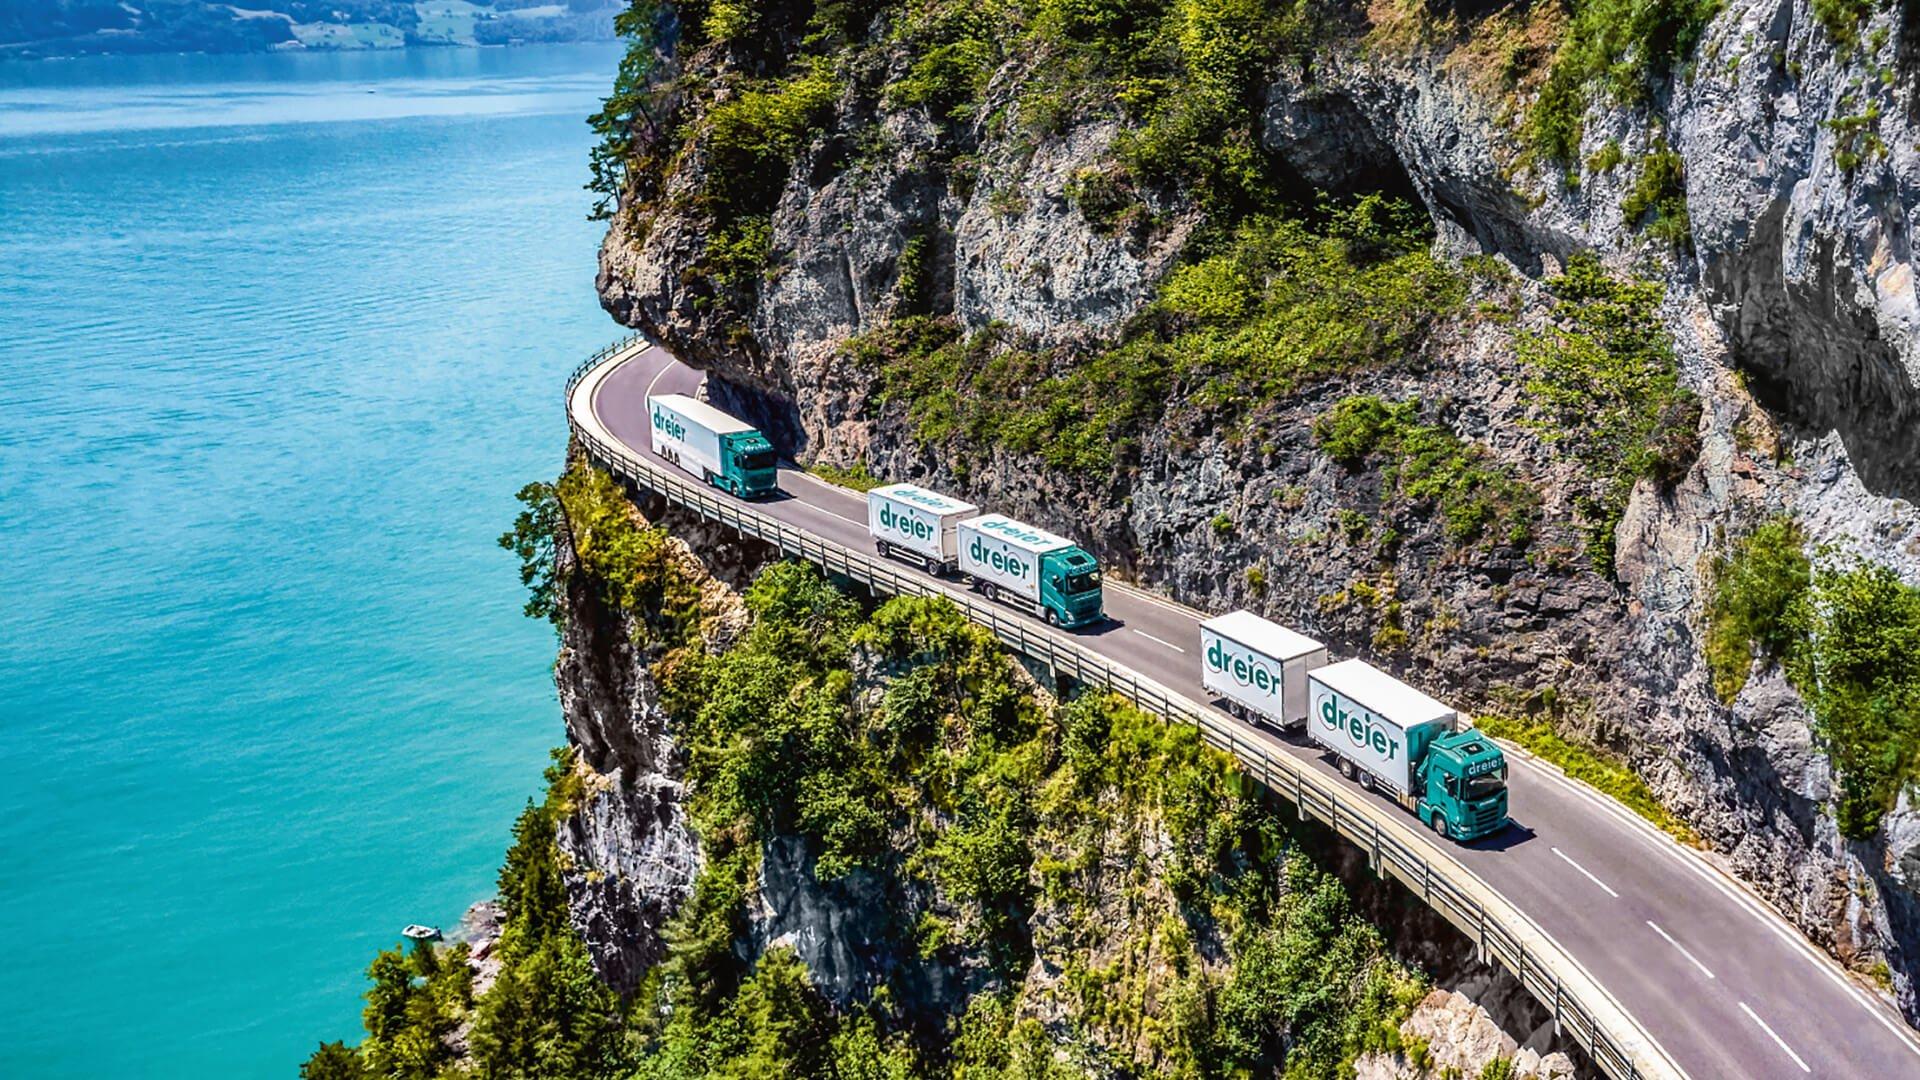 Dreier AG Lastkraftwagen unterwegs